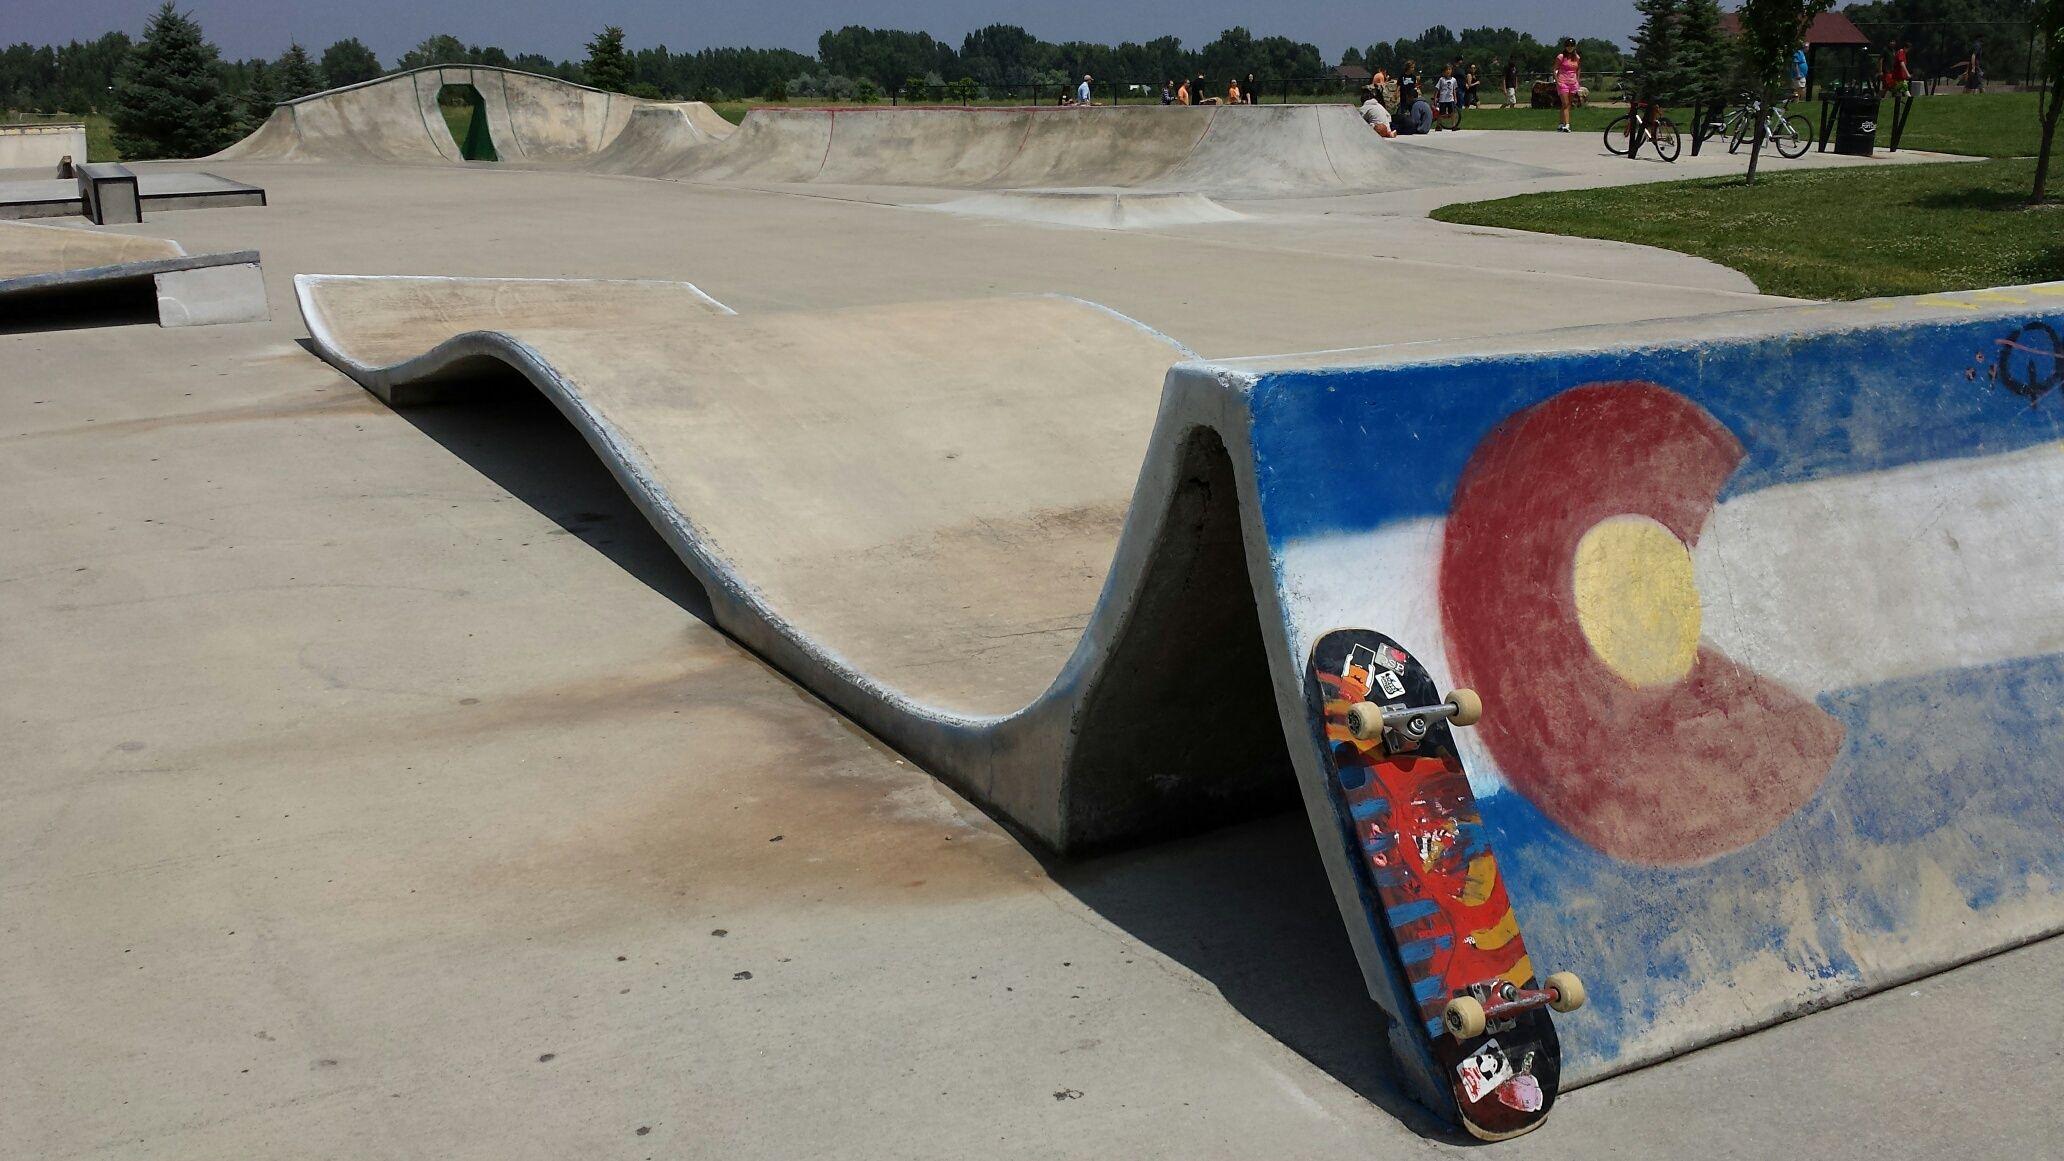 Fort Collins 2 Fort collins, Skate park, Skateboard